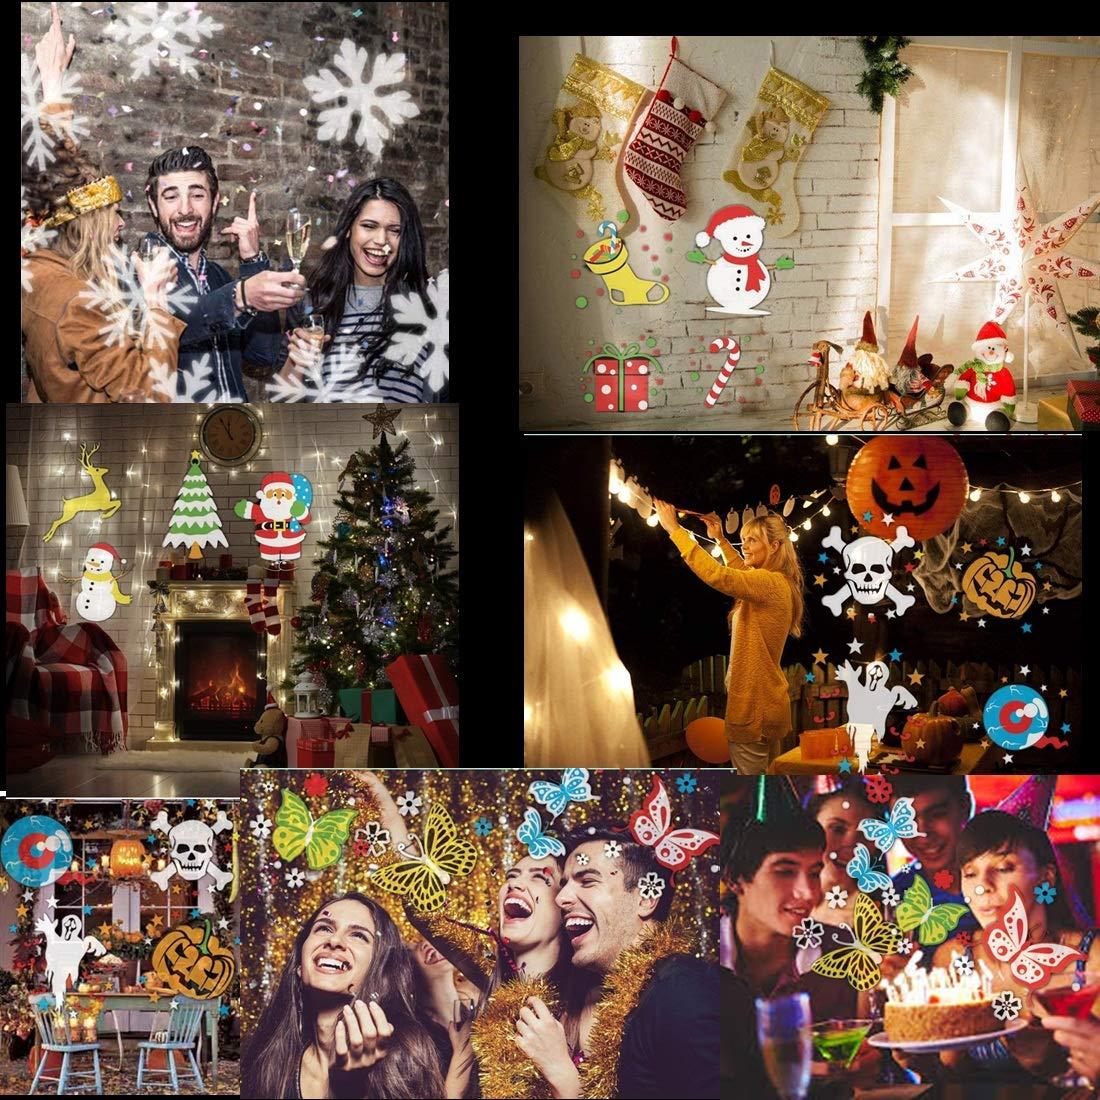 Luz de Proyector Fiesta Luces Navidad Linterna Vacaciones Lampara Antorchas